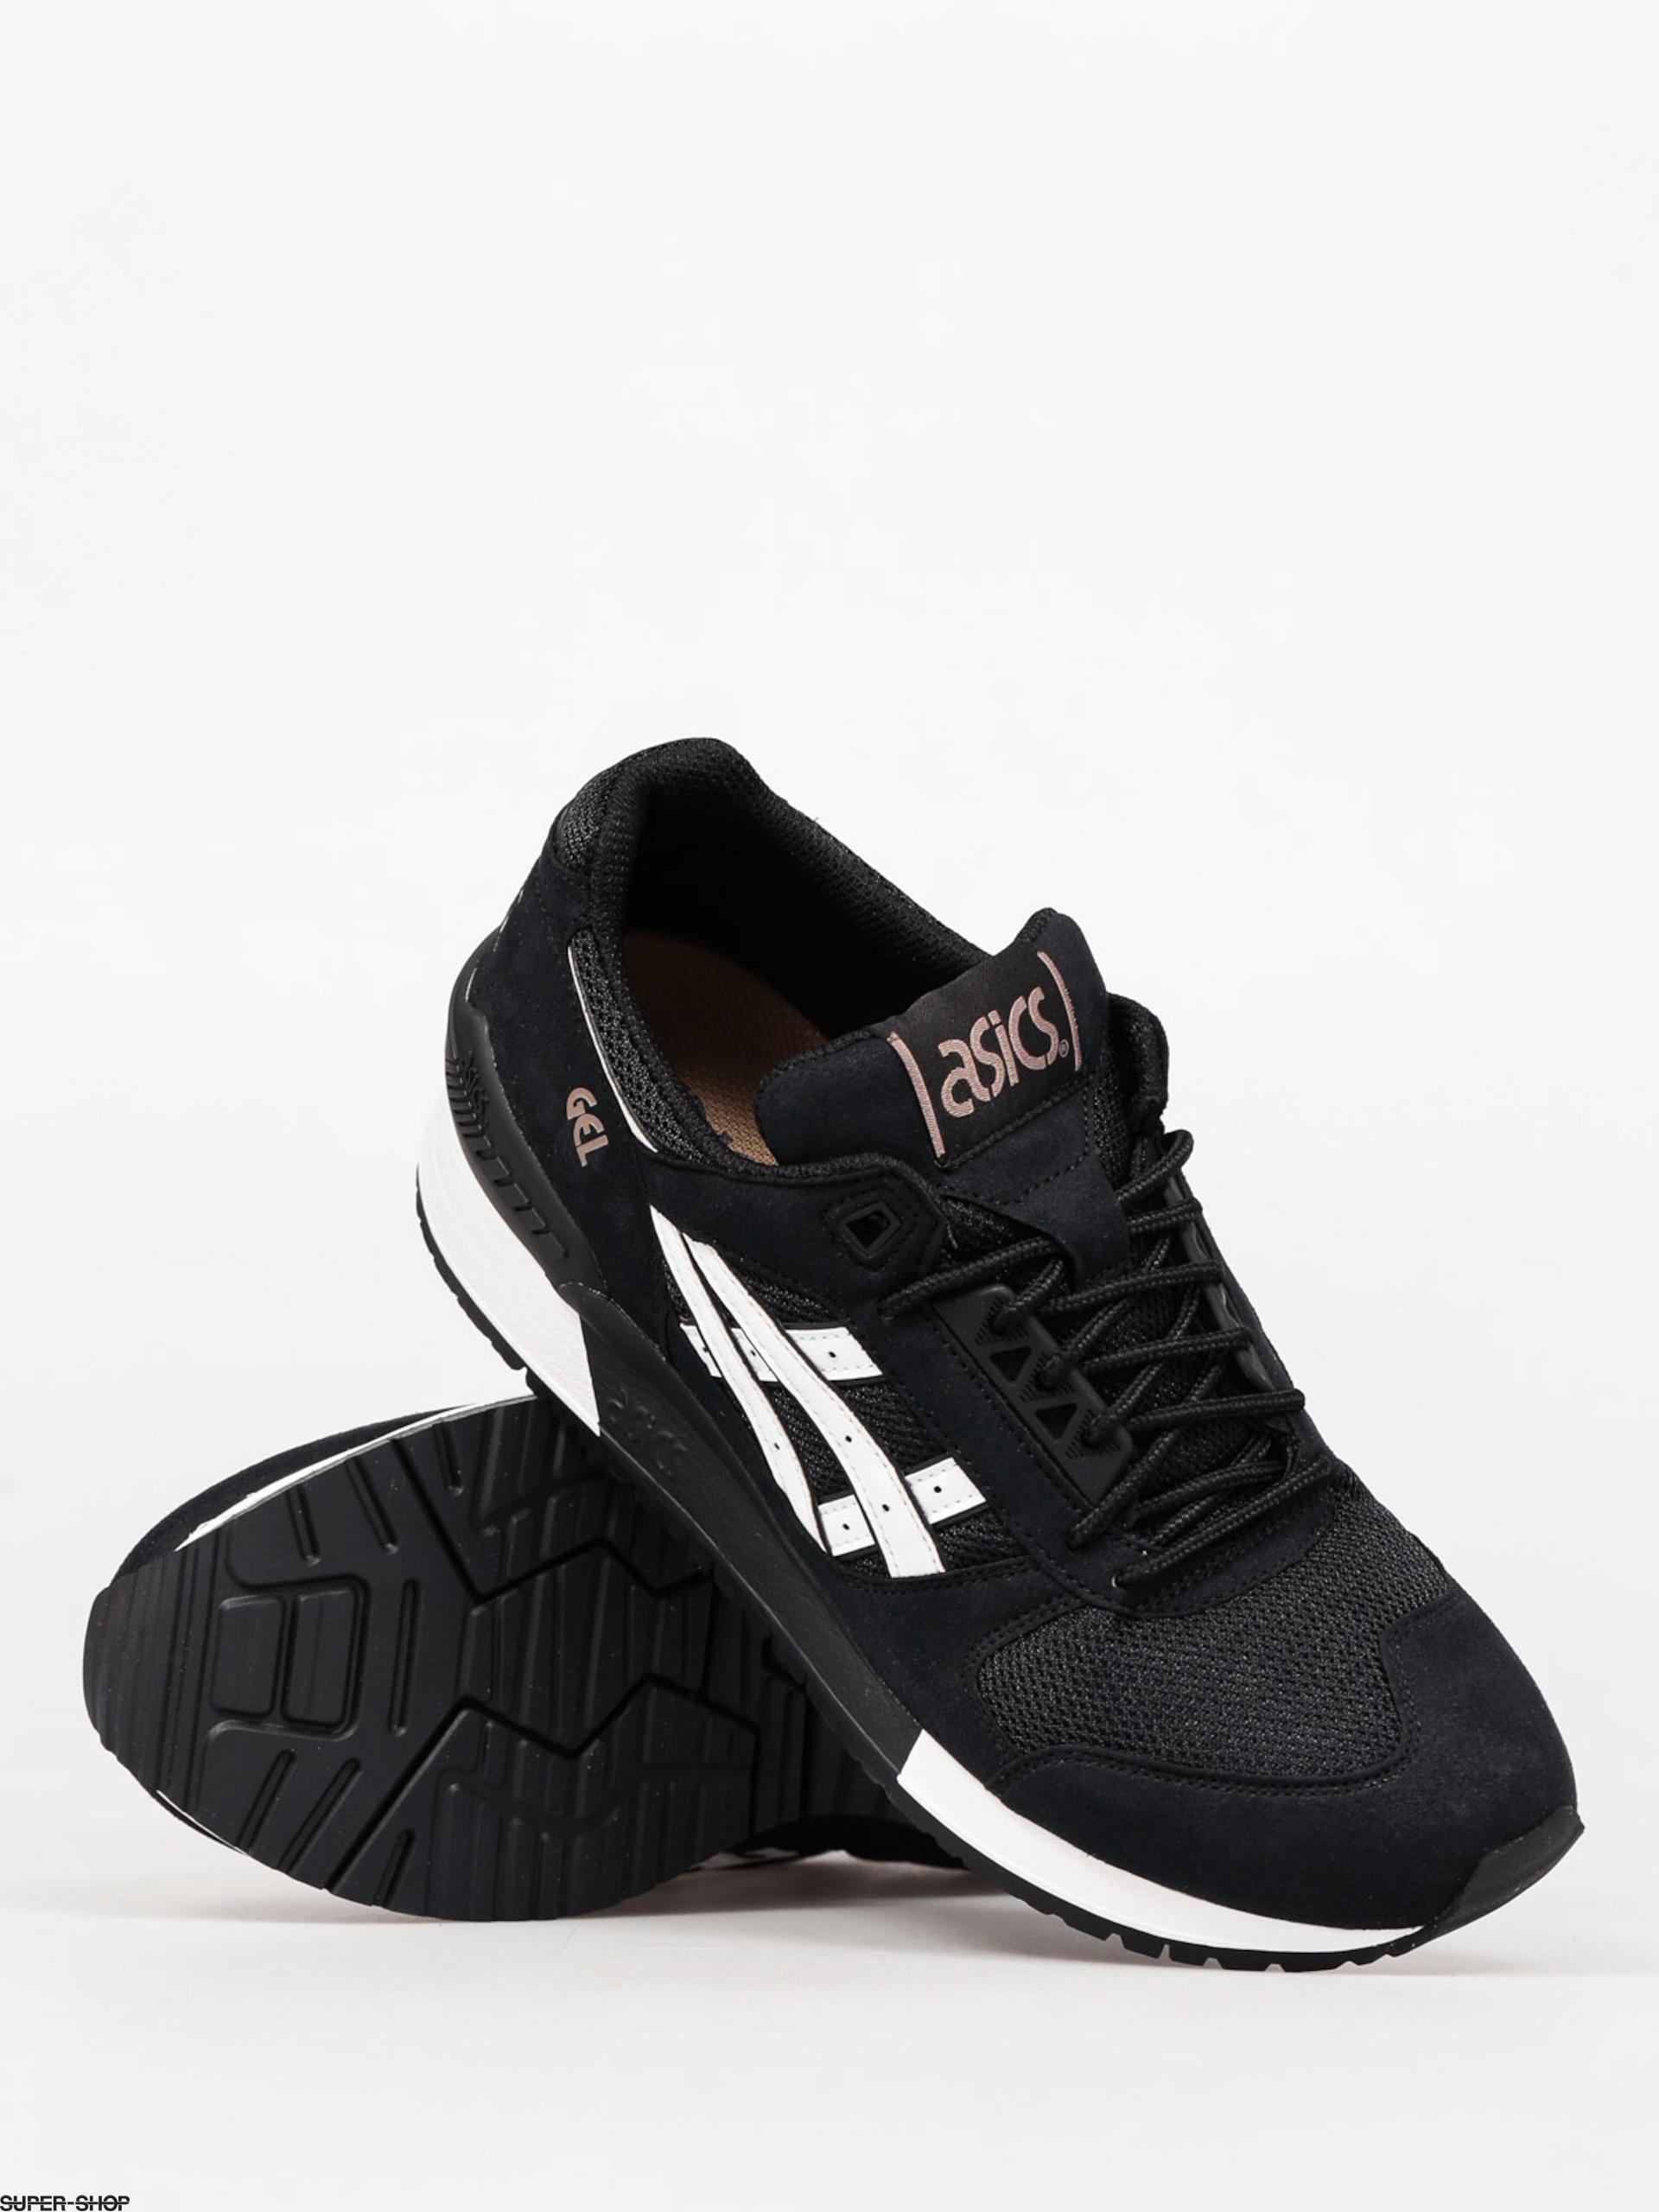 regard détaillé f444a cf76c Asics Shoes Gel Respector (black/white)